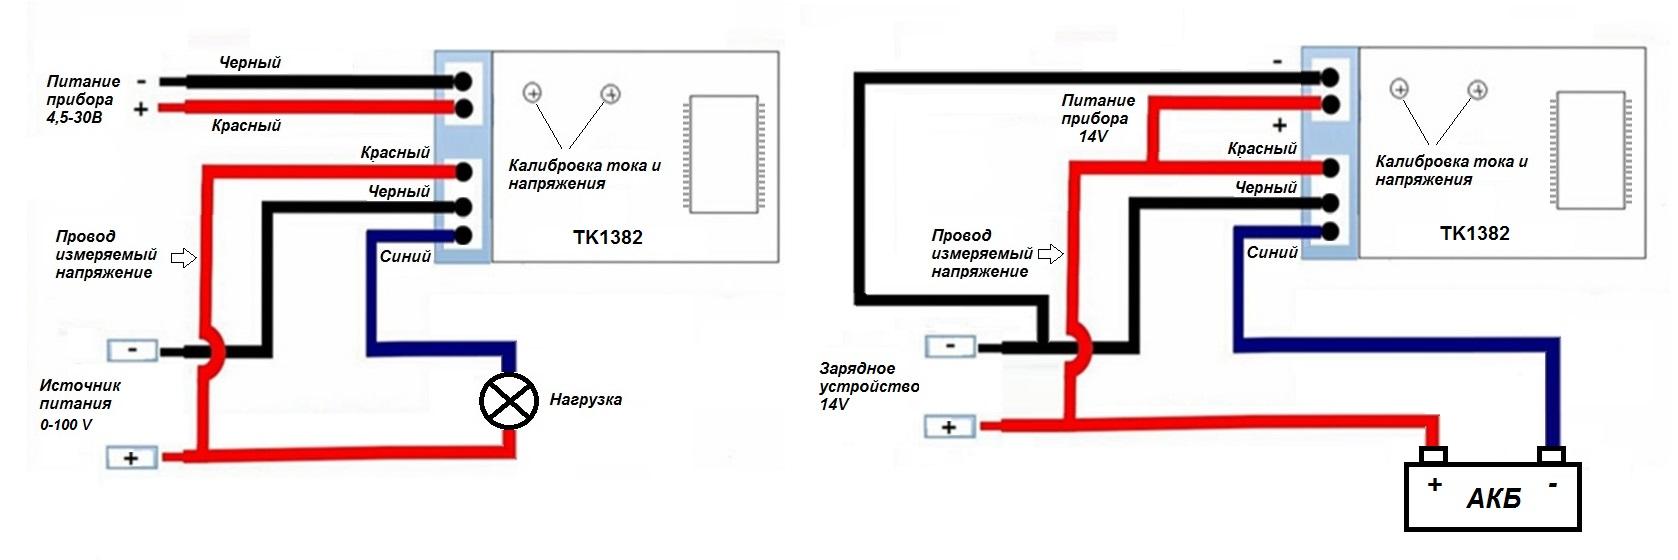 Вольтметр-амперметр dsn-vc288 схема